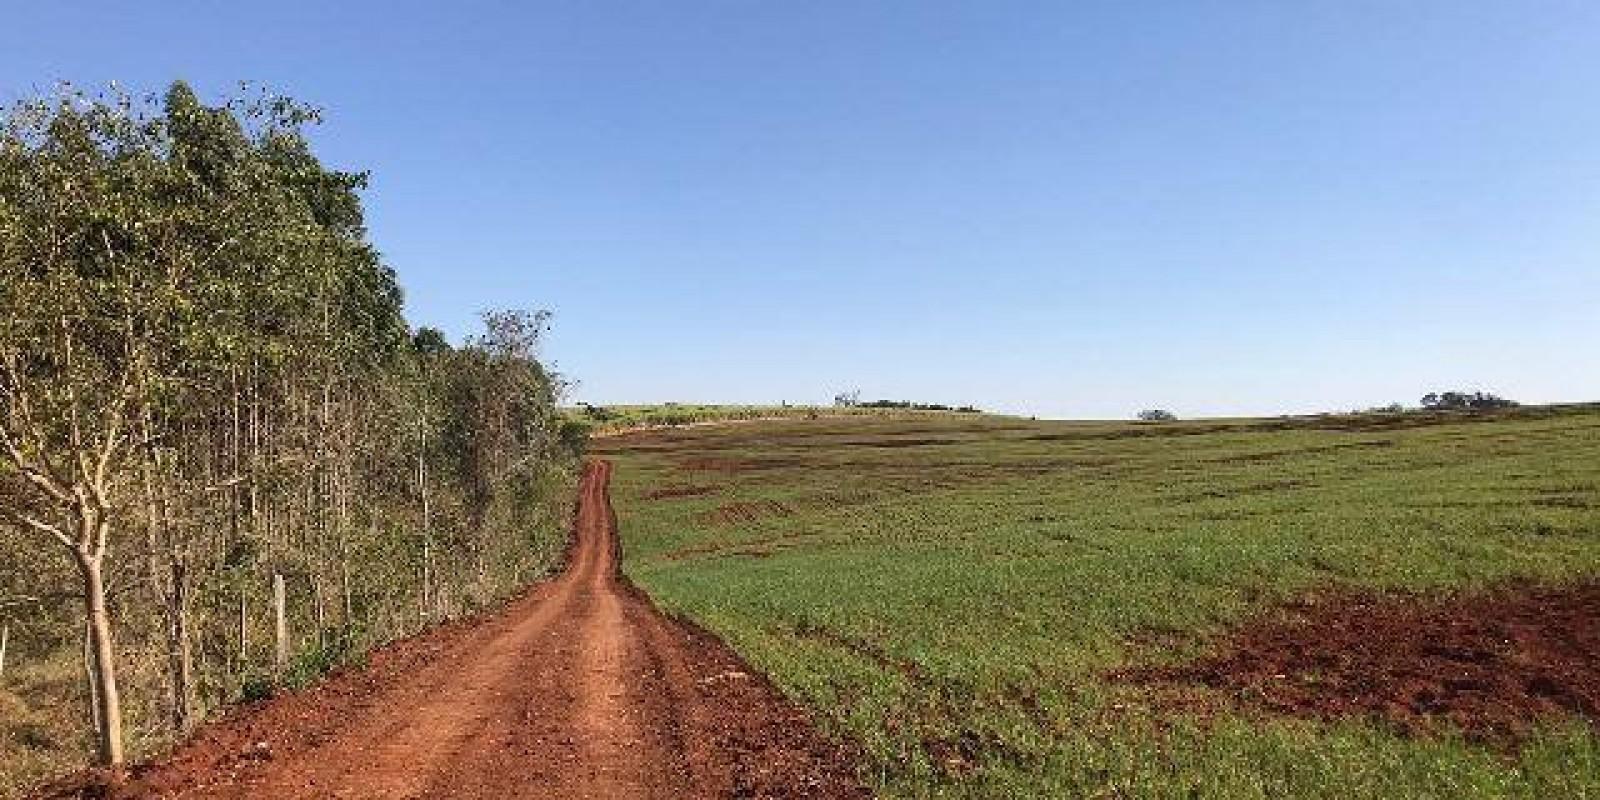 Fazenda de 40 Alqueires, Município de Sarutaiá Sp - Foto 9 de 20